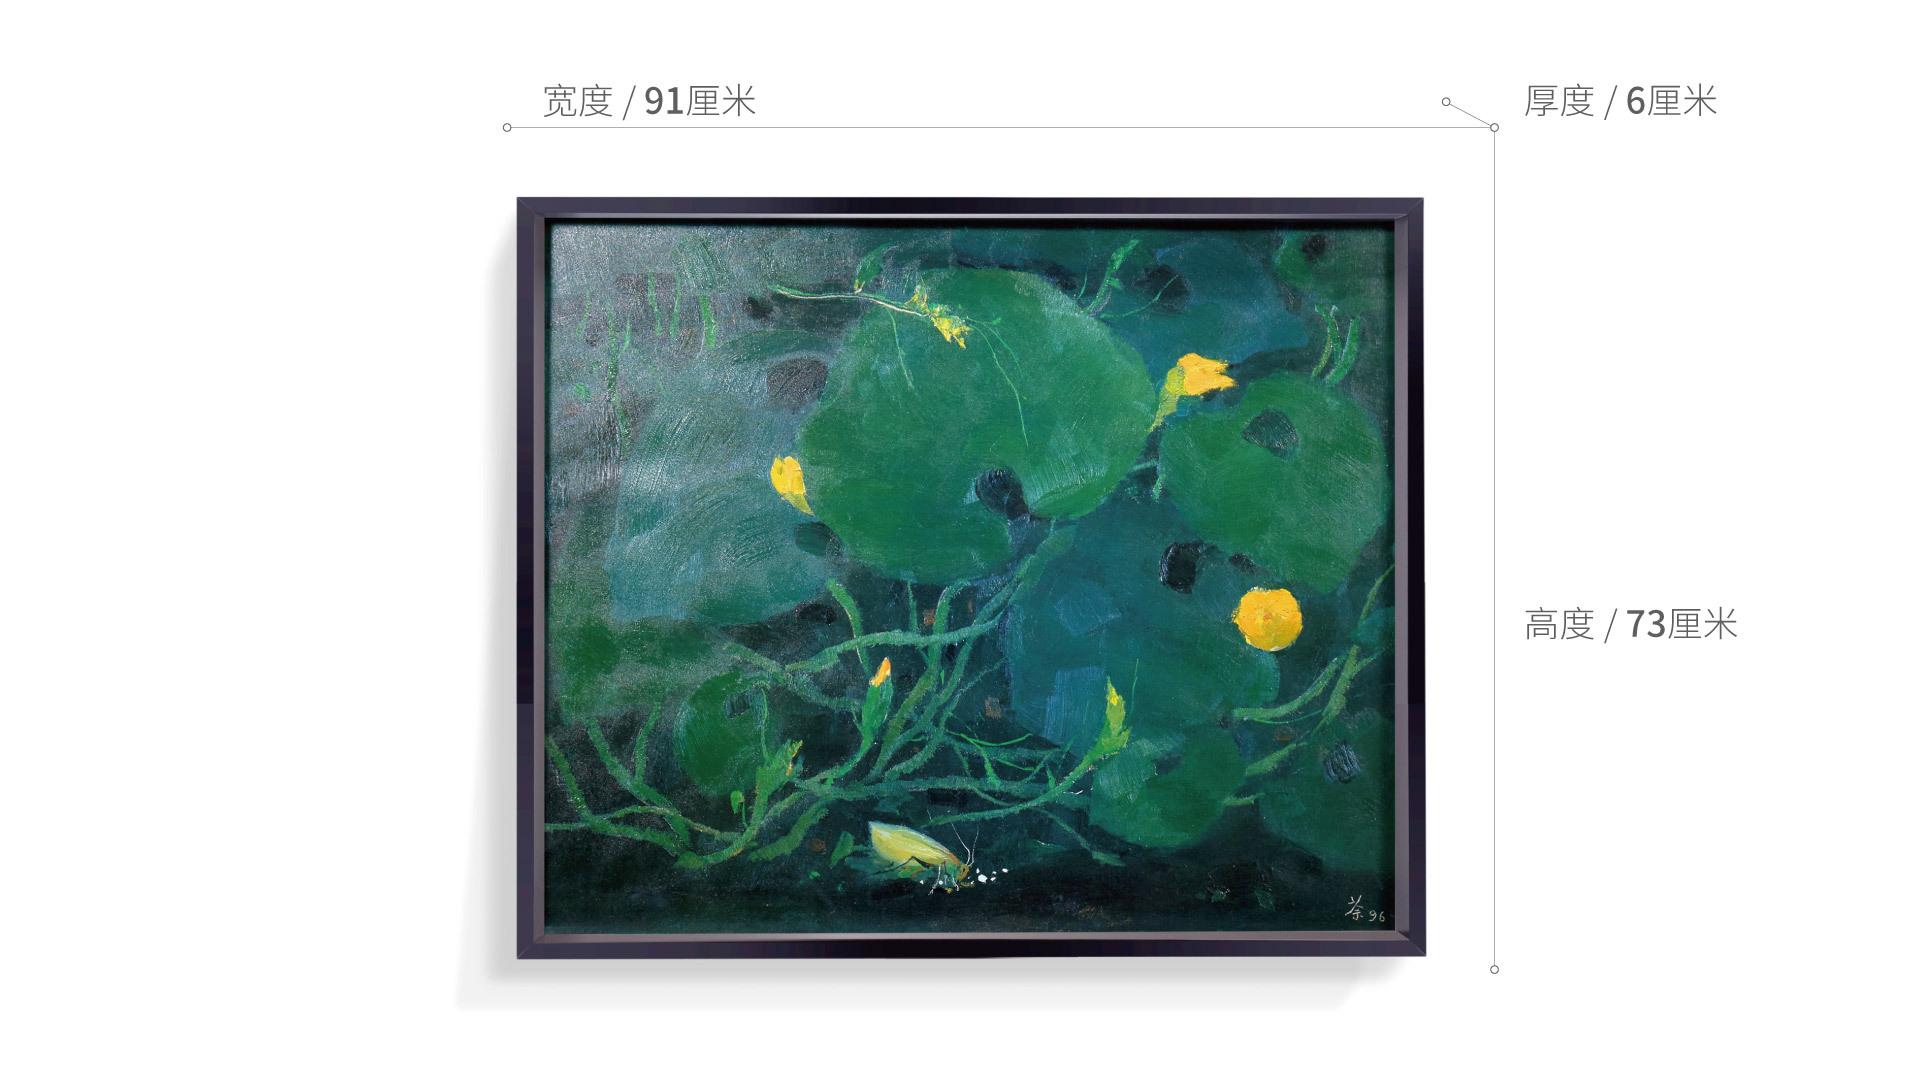 吴冠中系列版画-自然瓜藤装饰效果图